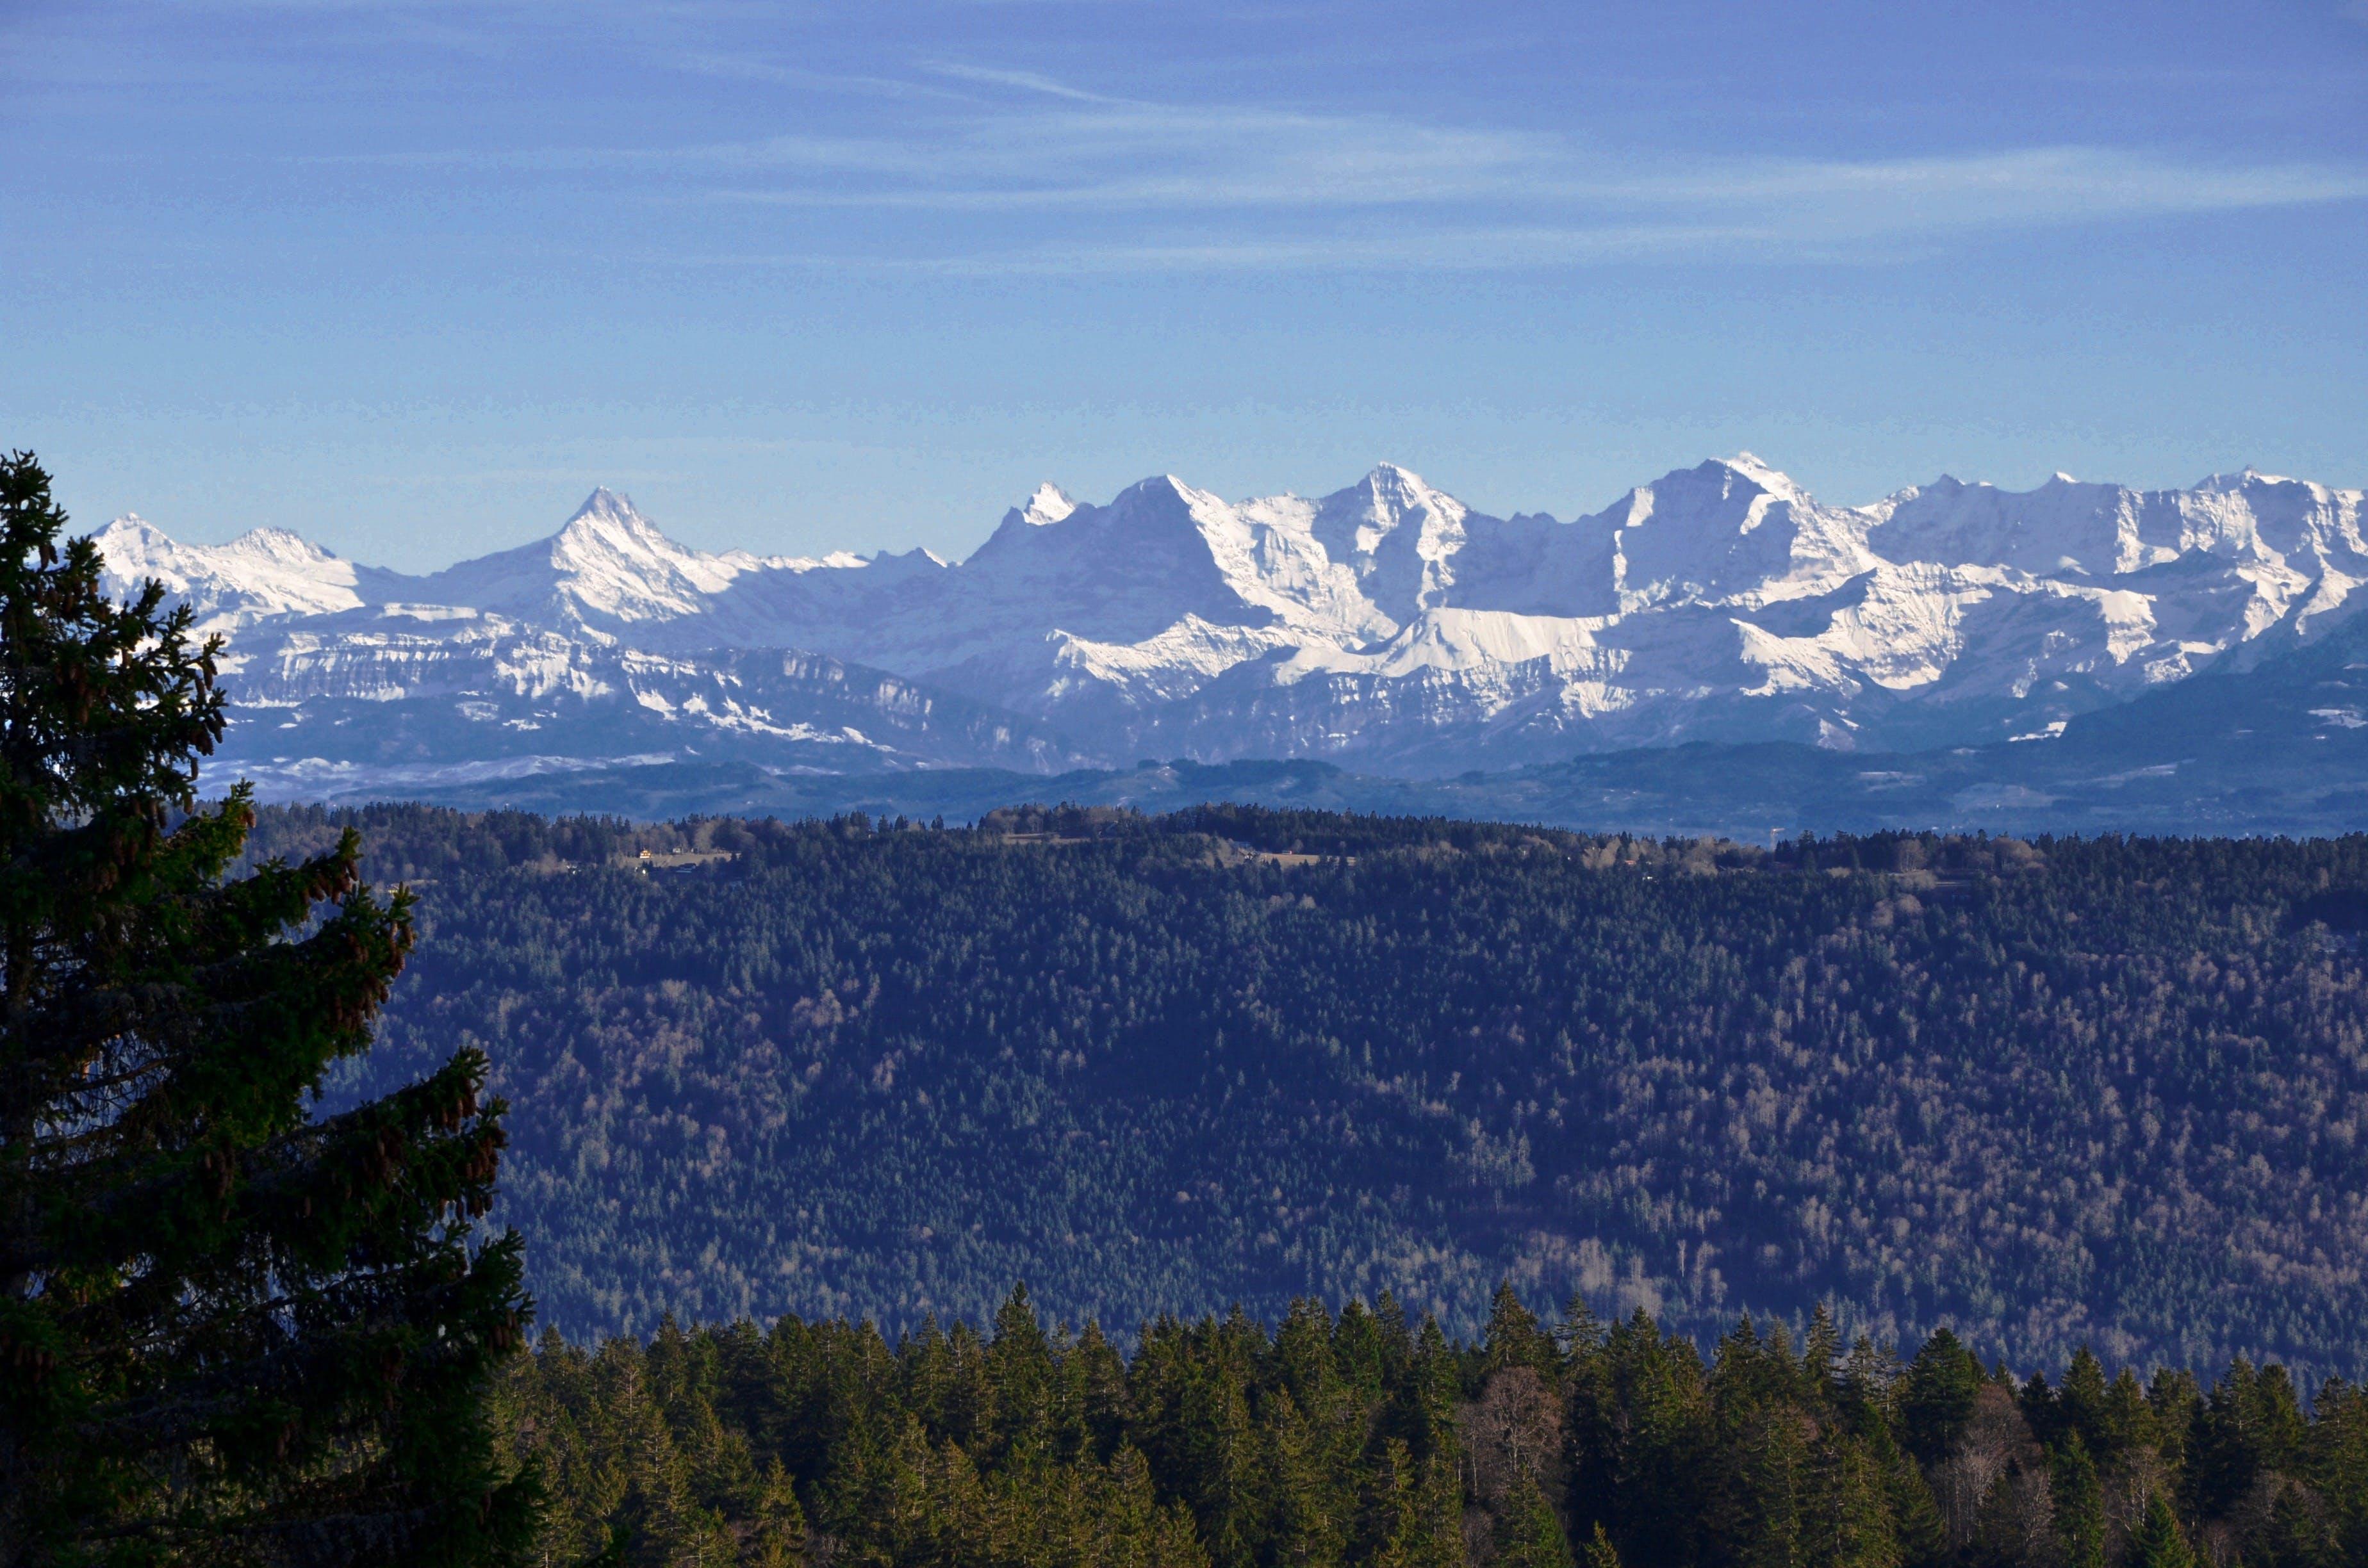 Kostnadsfri bild av bergen, dagsljus, dagtid, kall